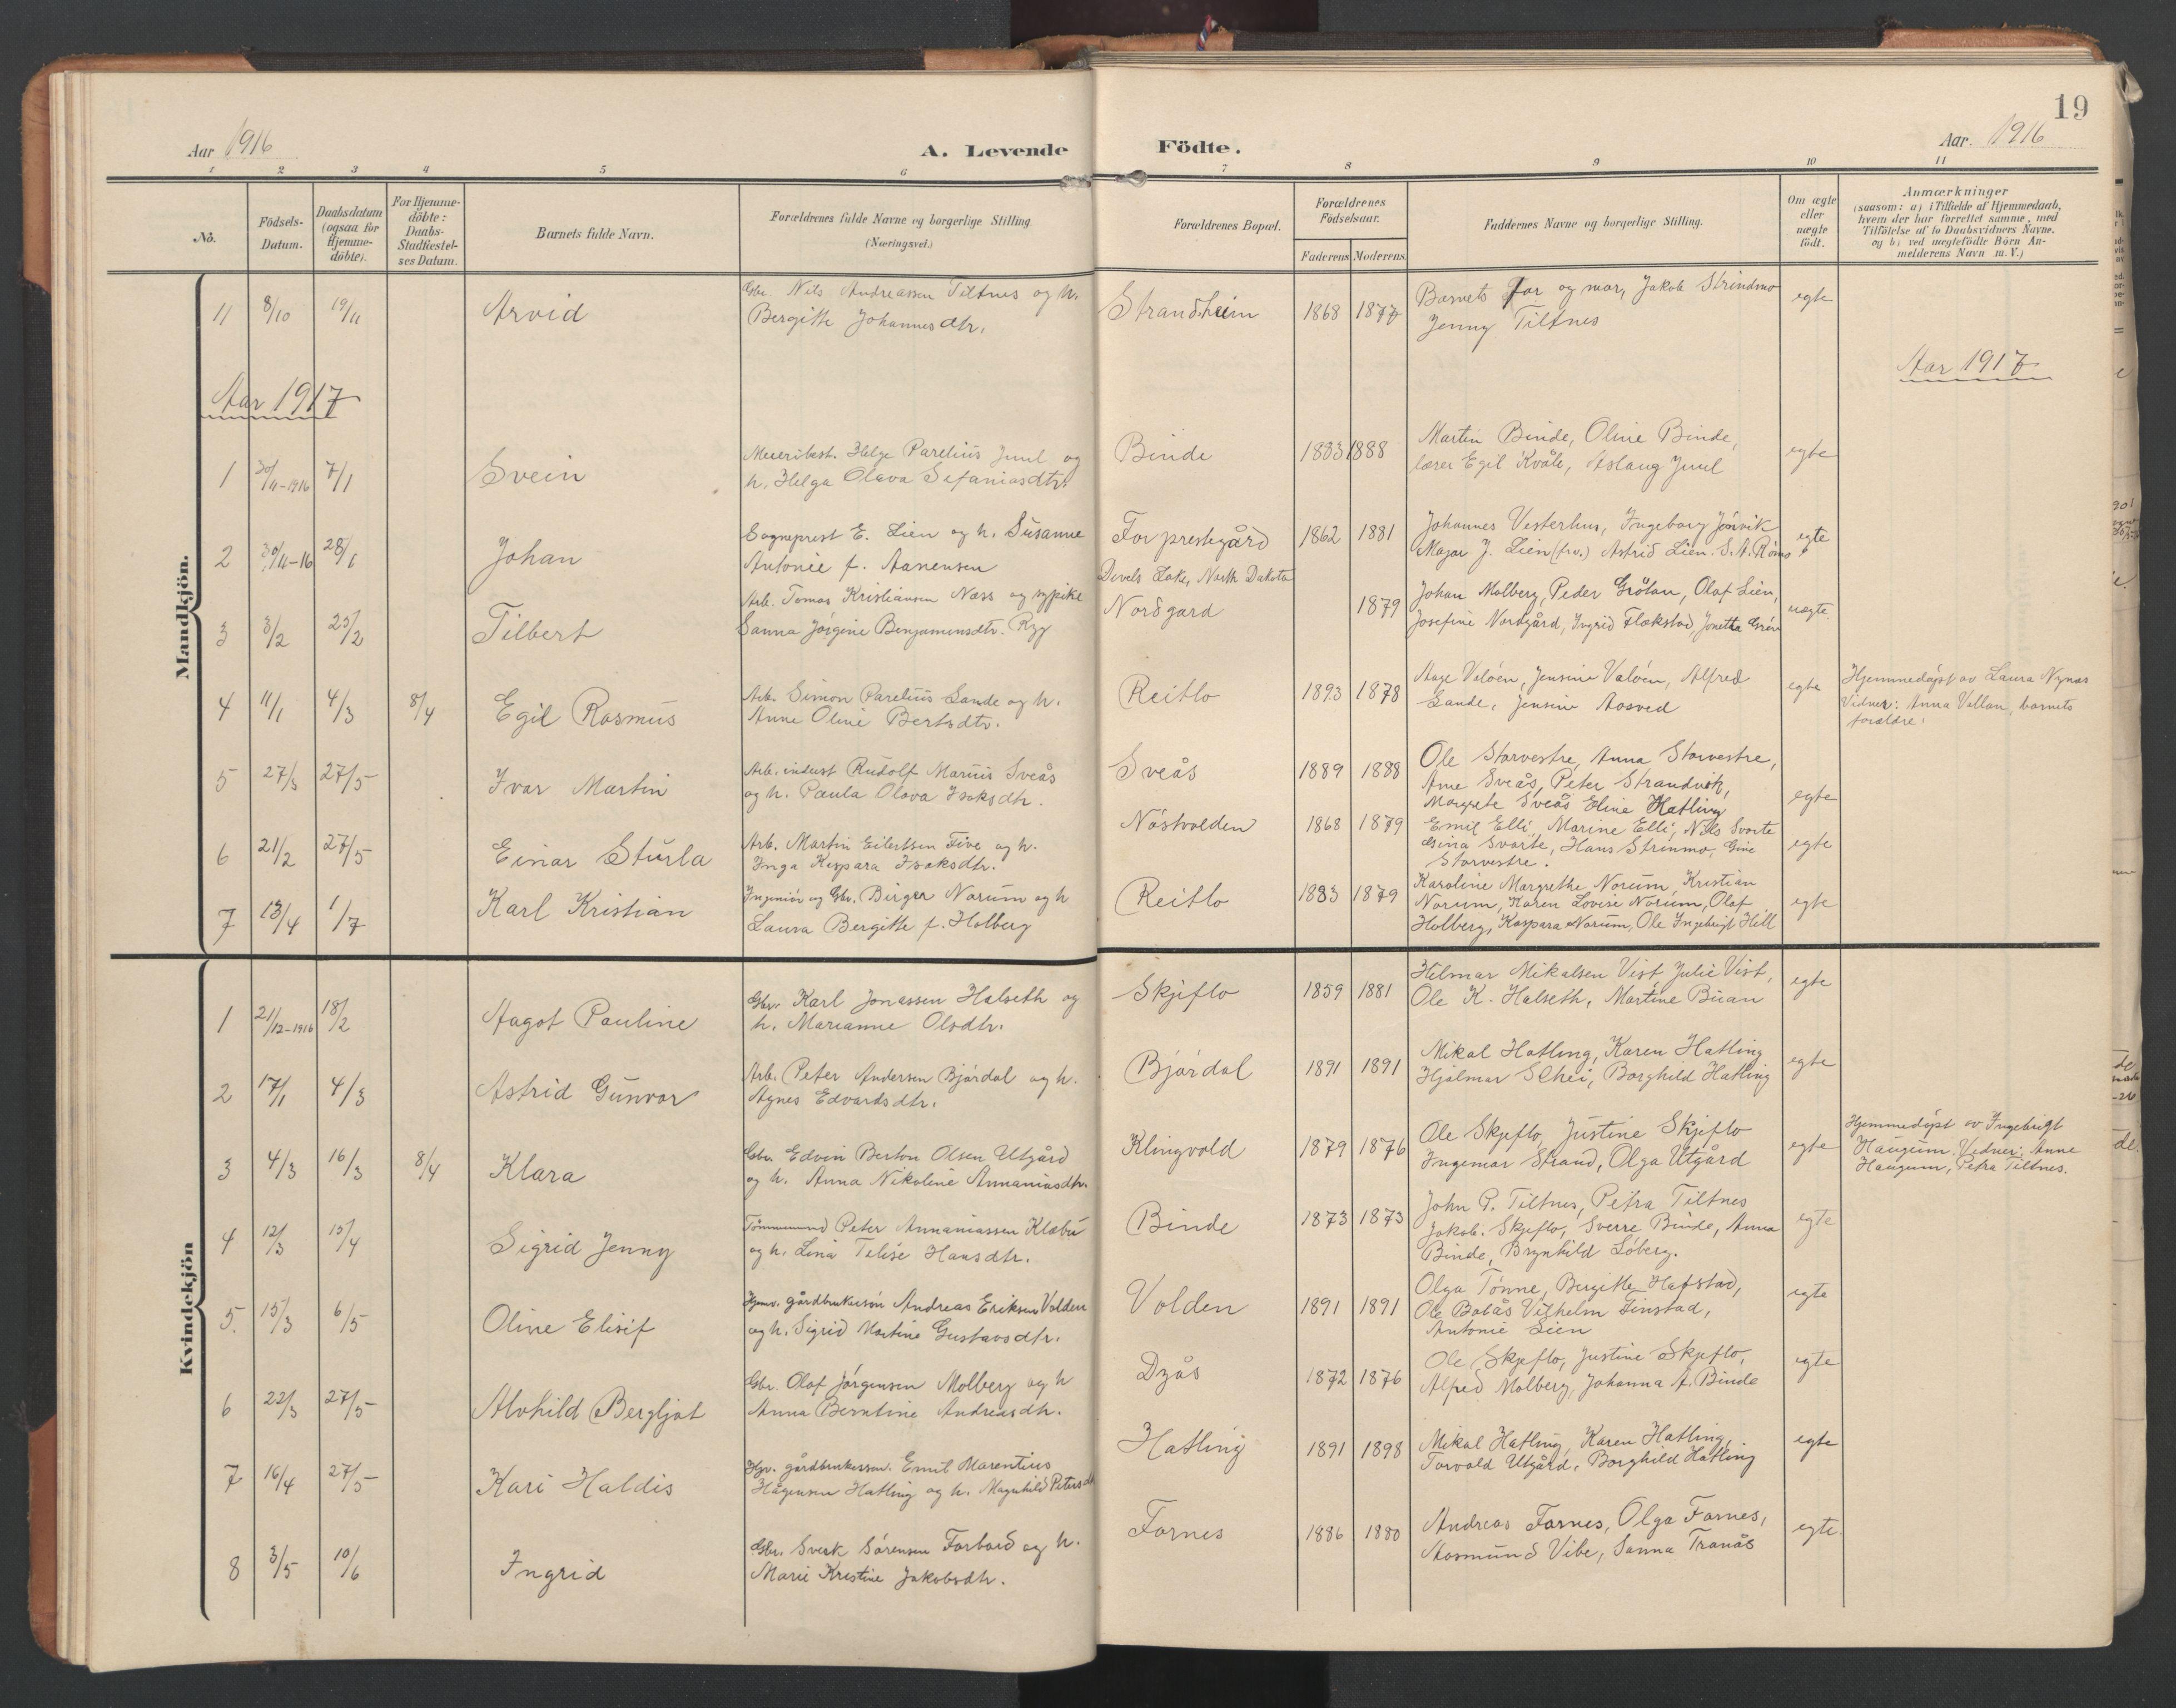 SAT, Ministerialprotokoller, klokkerbøker og fødselsregistre - Nord-Trøndelag, 746/L0455: Klokkerbok nr. 746C01, 1908-1933, s. 19